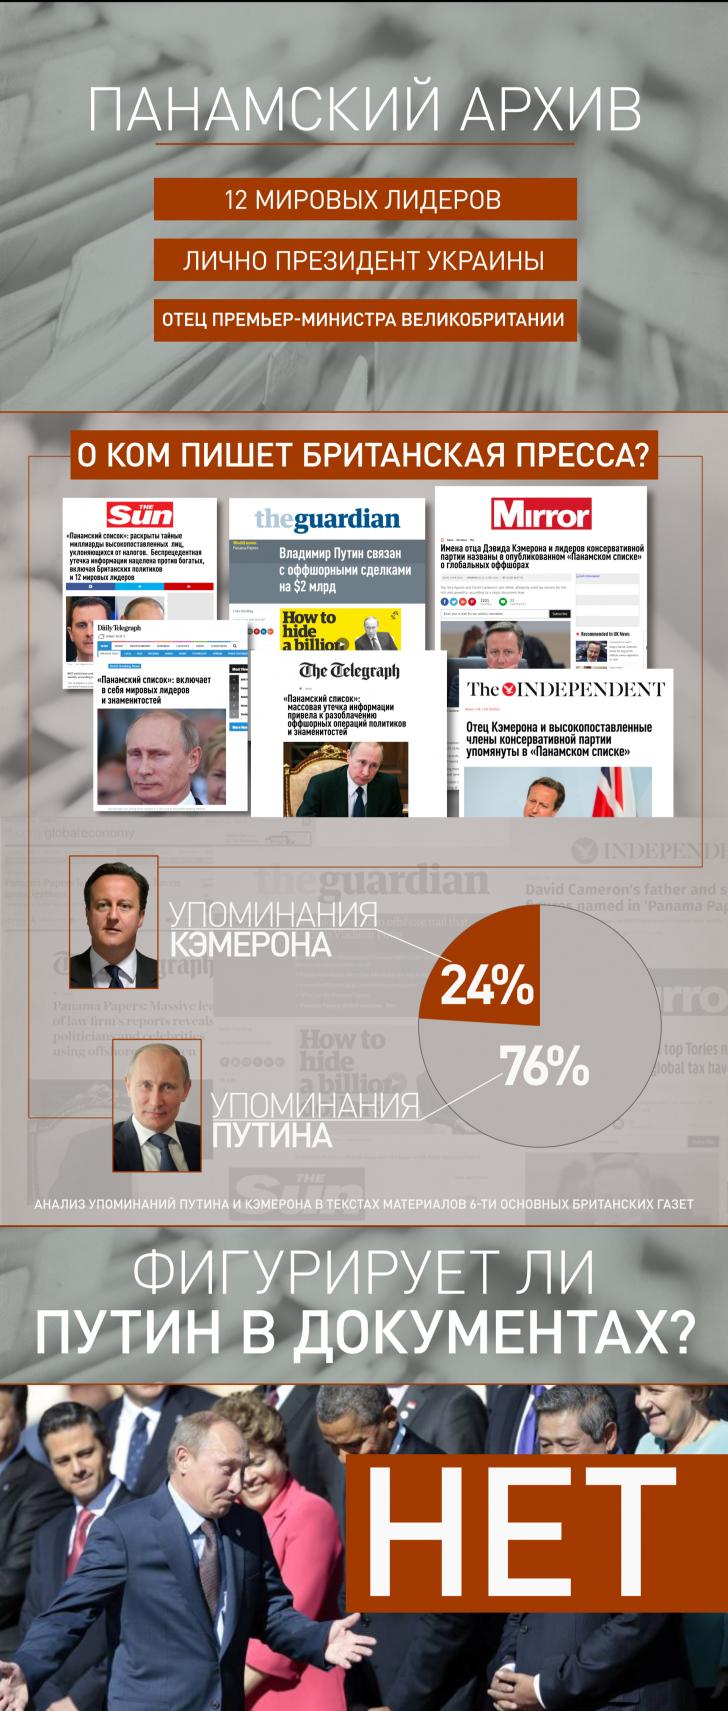 Путин vs Кэмерон: кто стал главным героем «панамского архива» в британских СМИ